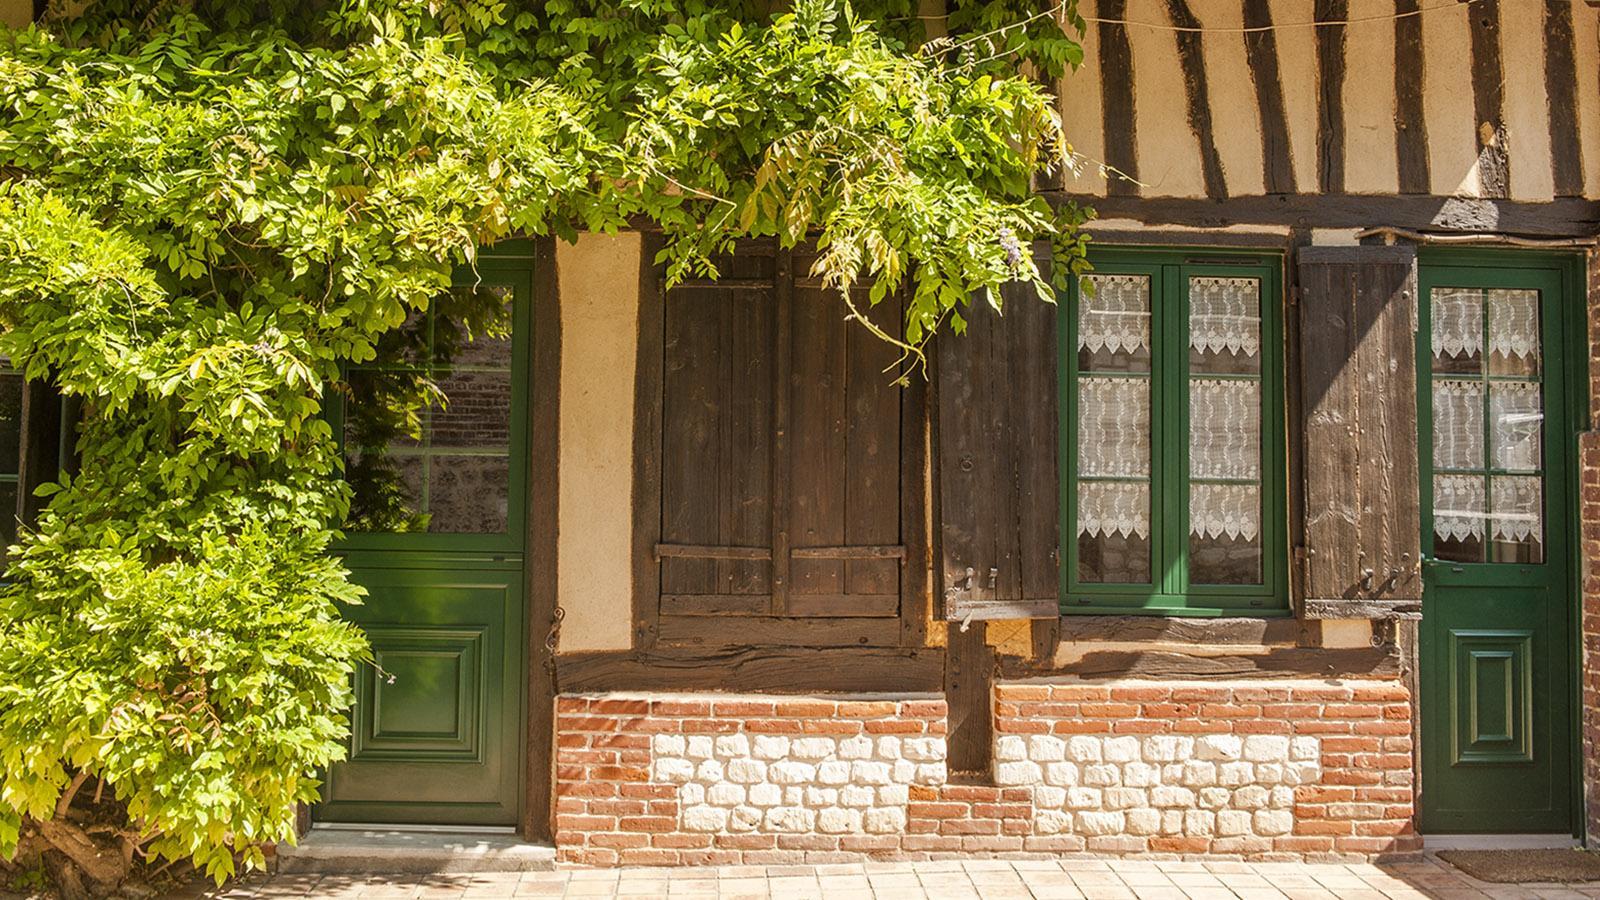 Jumièges: Im Mai blüht die Glyzenie vor diesem Wohnhaus. Foto: Hilke Maunder